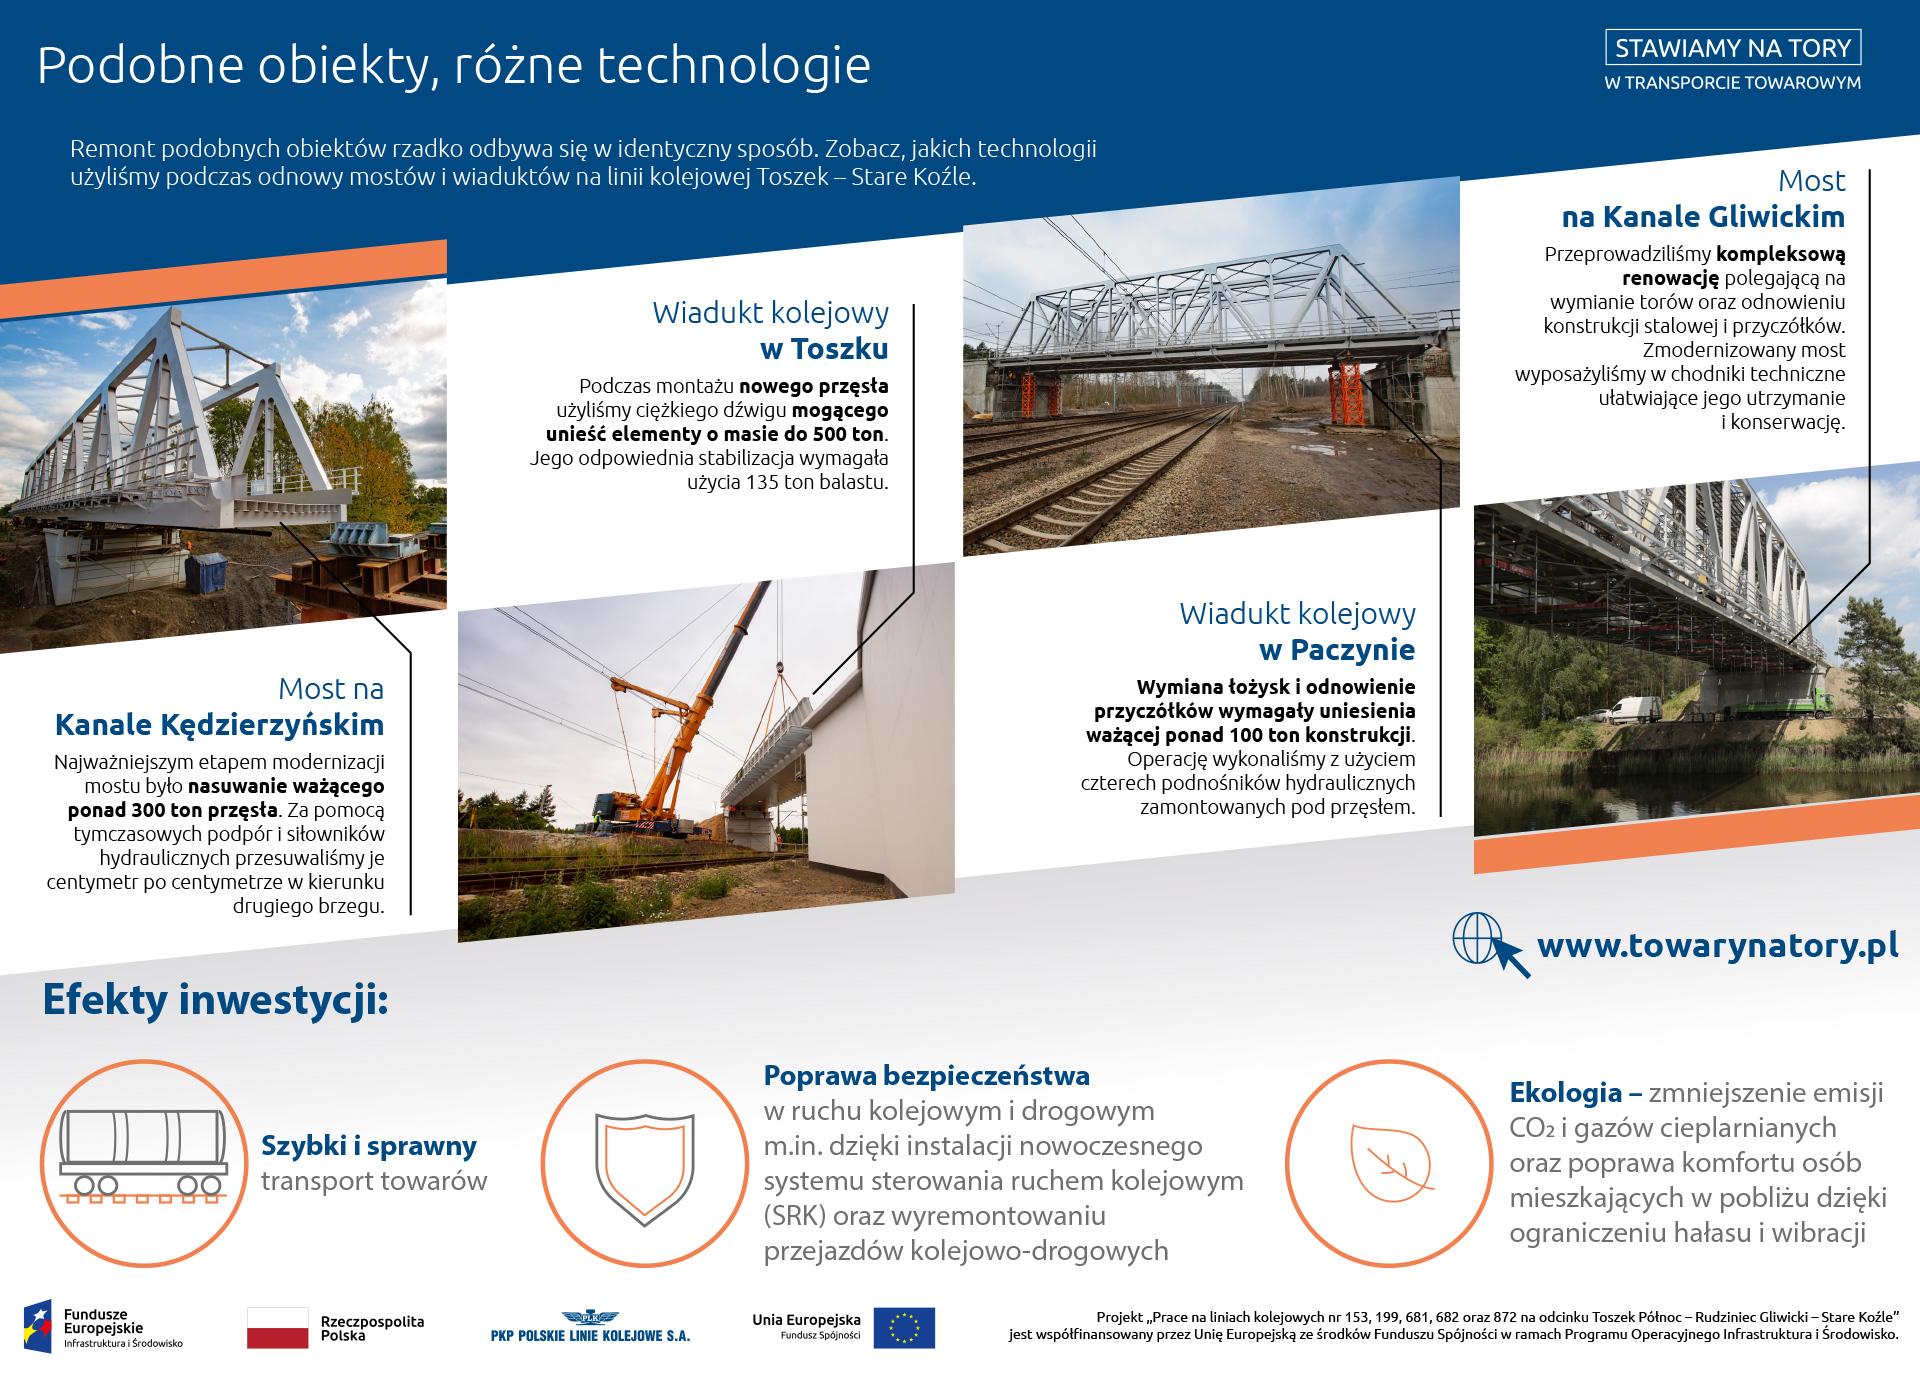 Infografika: pokazuje różnice i podobieństwa na wyremontowanych obiektach. Są to: most na Kanale Kędzierzyńskim, wiadukt kolejowy w Toszku, wiadukt kolejowy w Paczynie i most na Kanale Gliwickim.